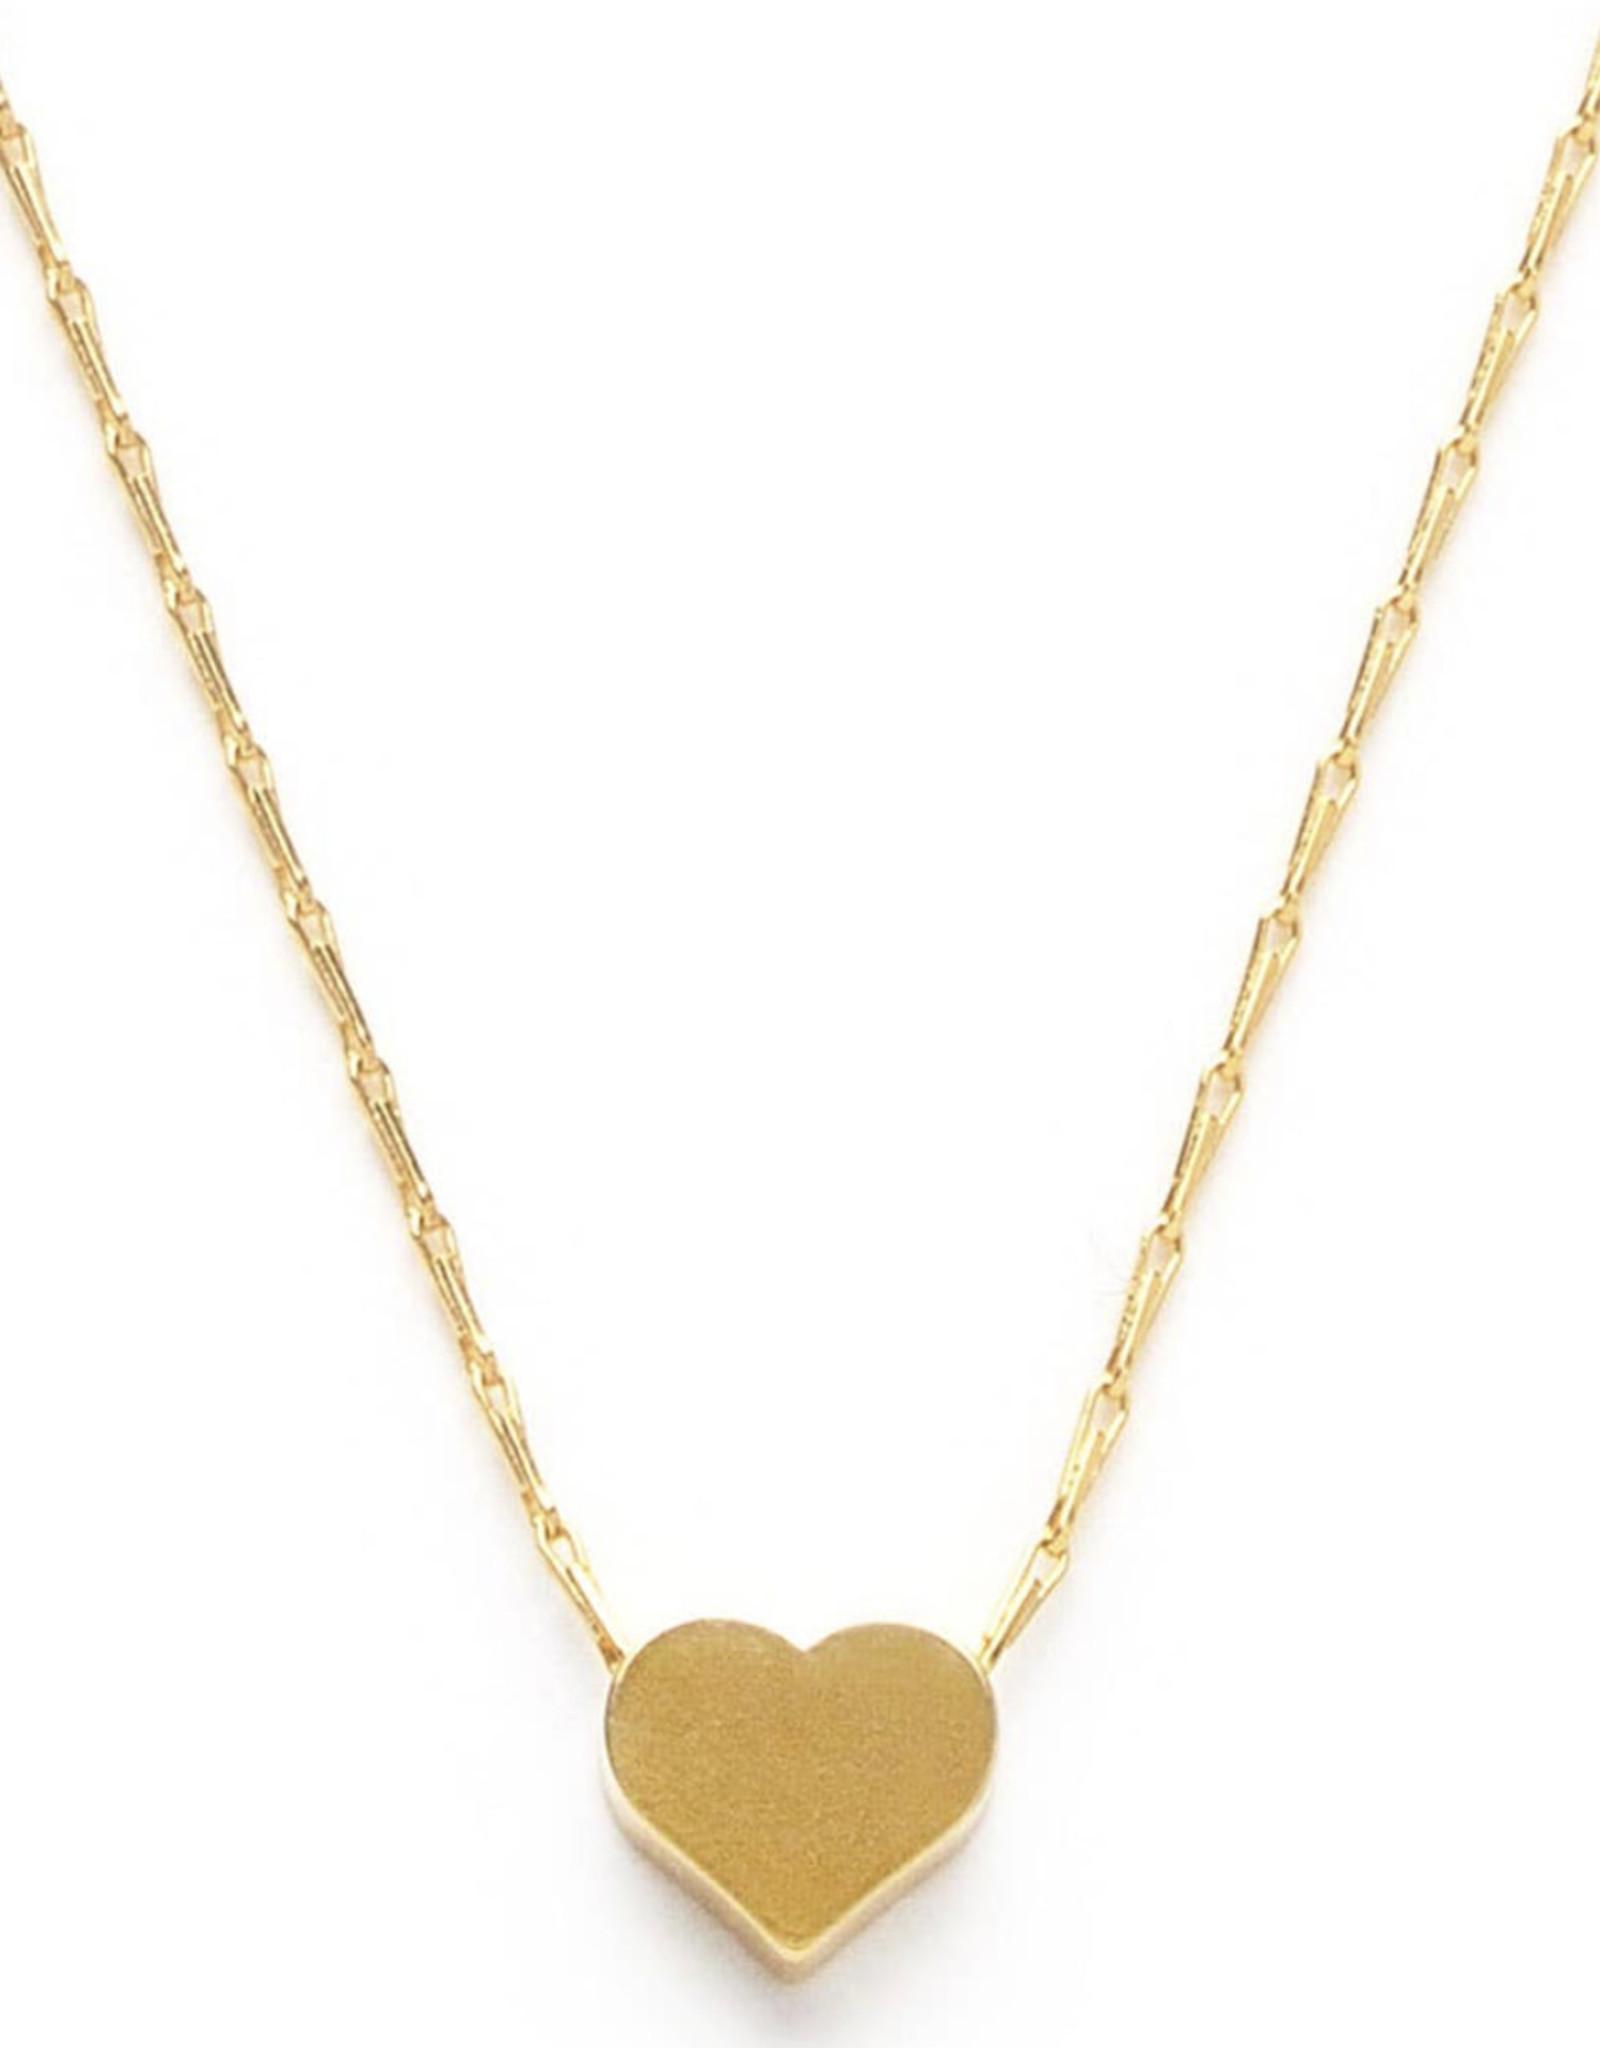 Amano Tiny Heart Necklace 19TH